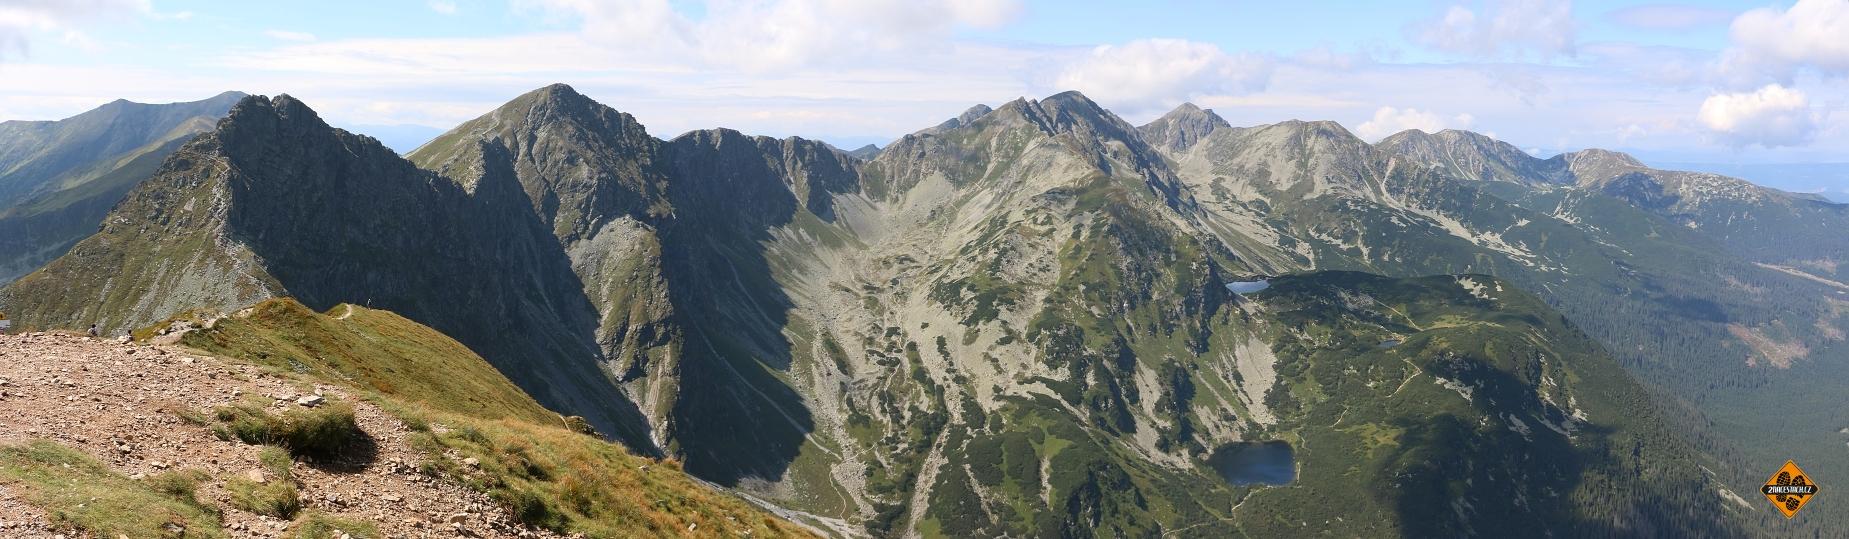 Hlavní vrcholy Roháčů z Volovce